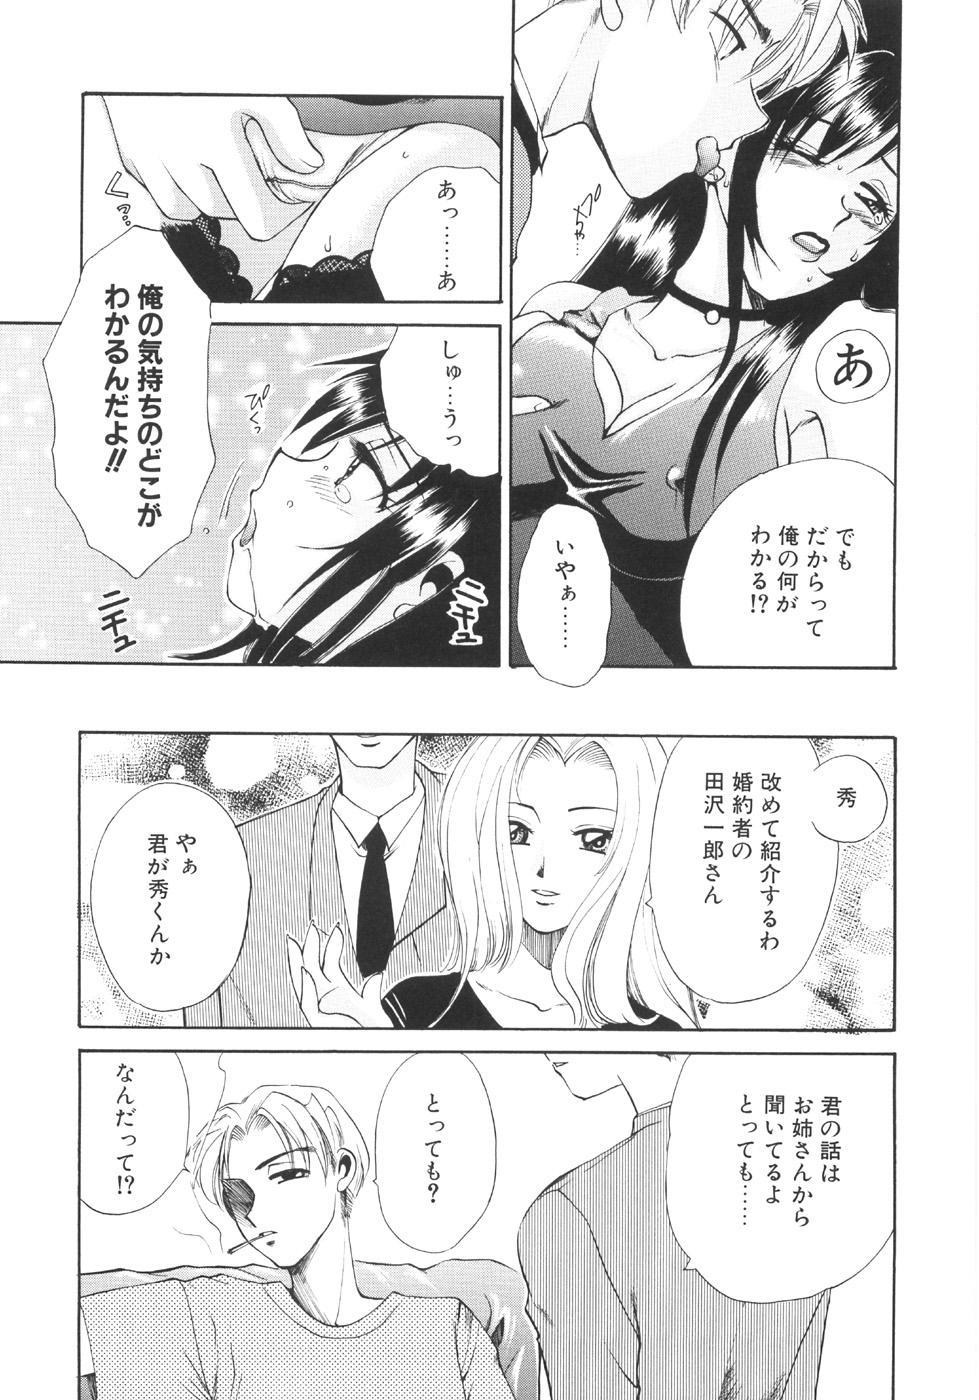 Genkai haretsu 84